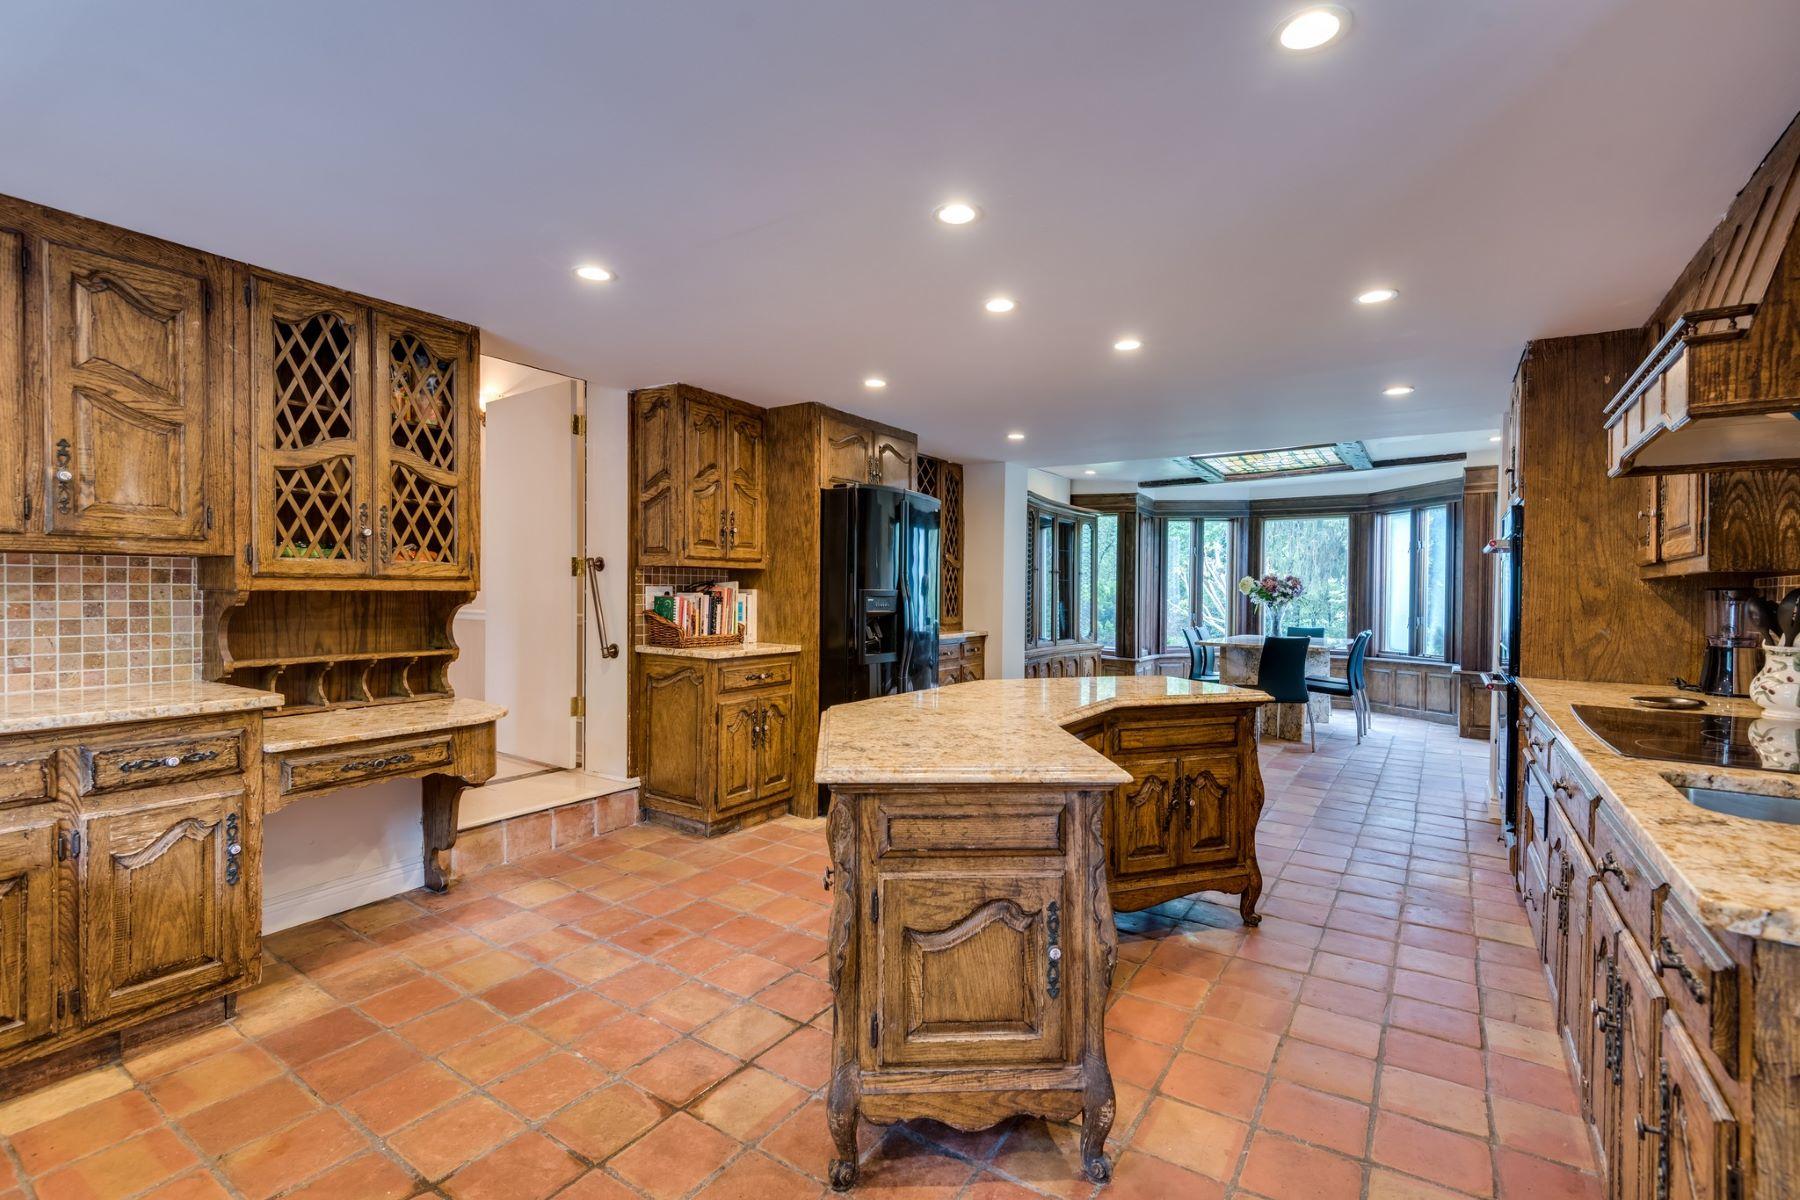 Single Family Homes för Försäljning vid Roslyn Heights 501 Old Westbury Rd, Roslyn Heights, New York 11577 Förenta staterna